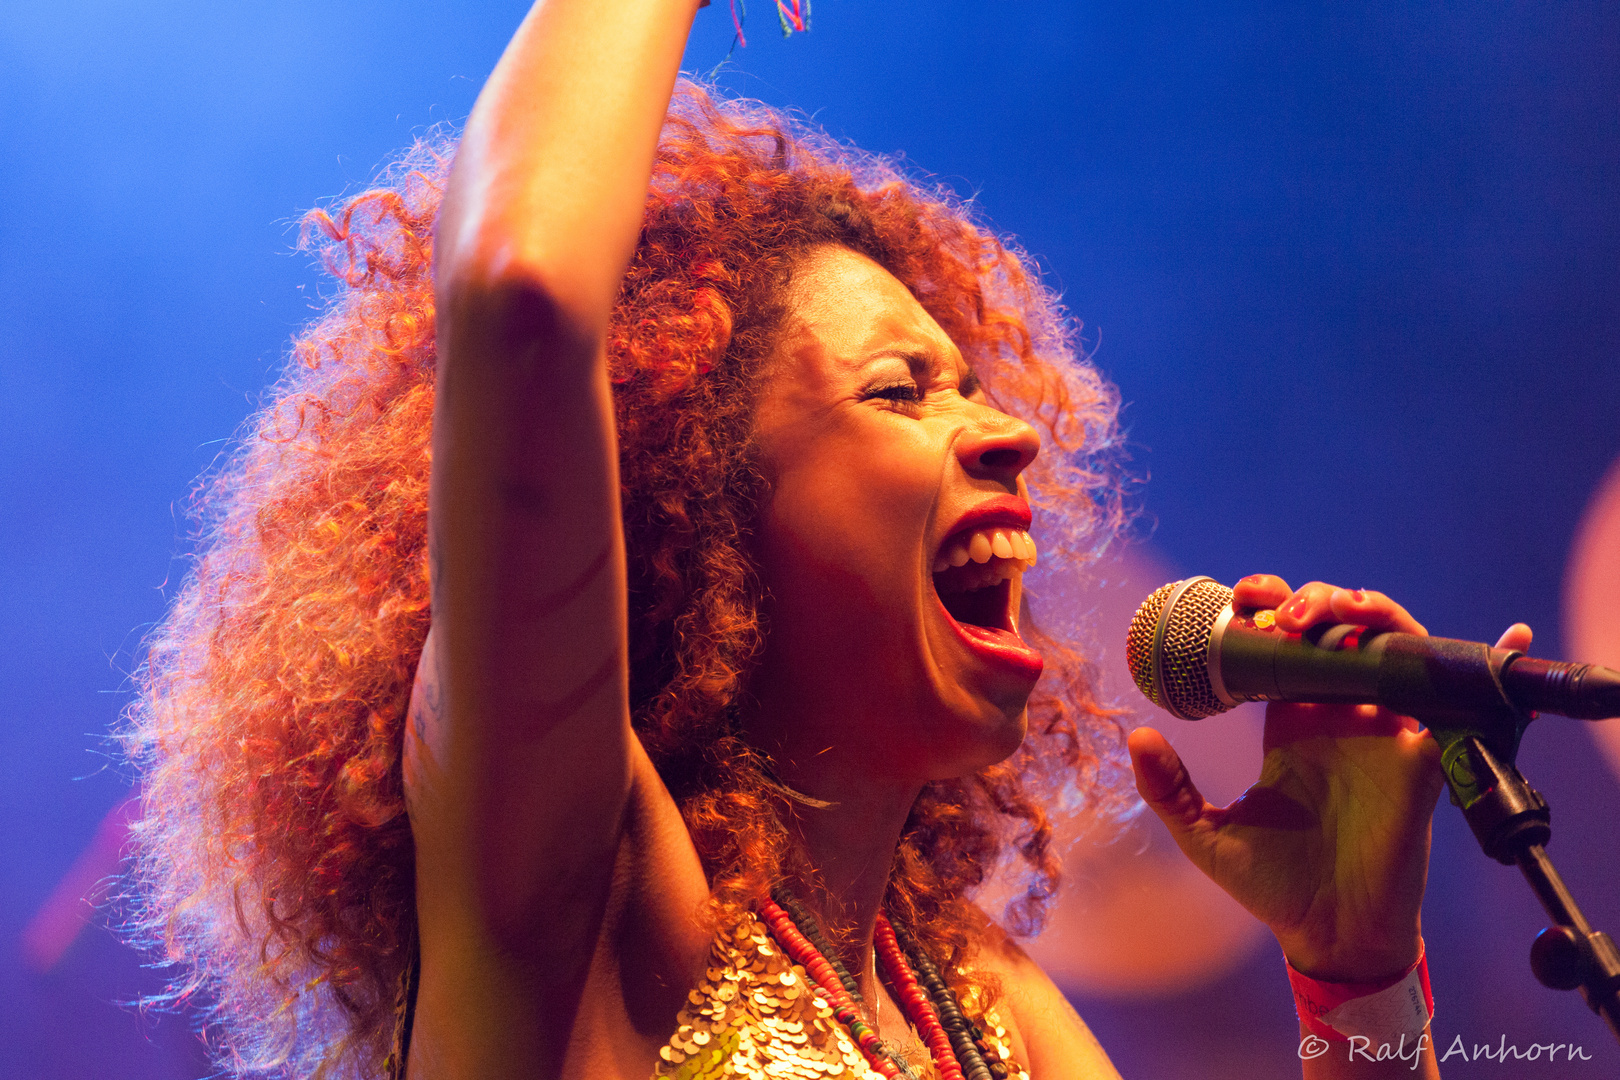 Flavia Coelho on stage